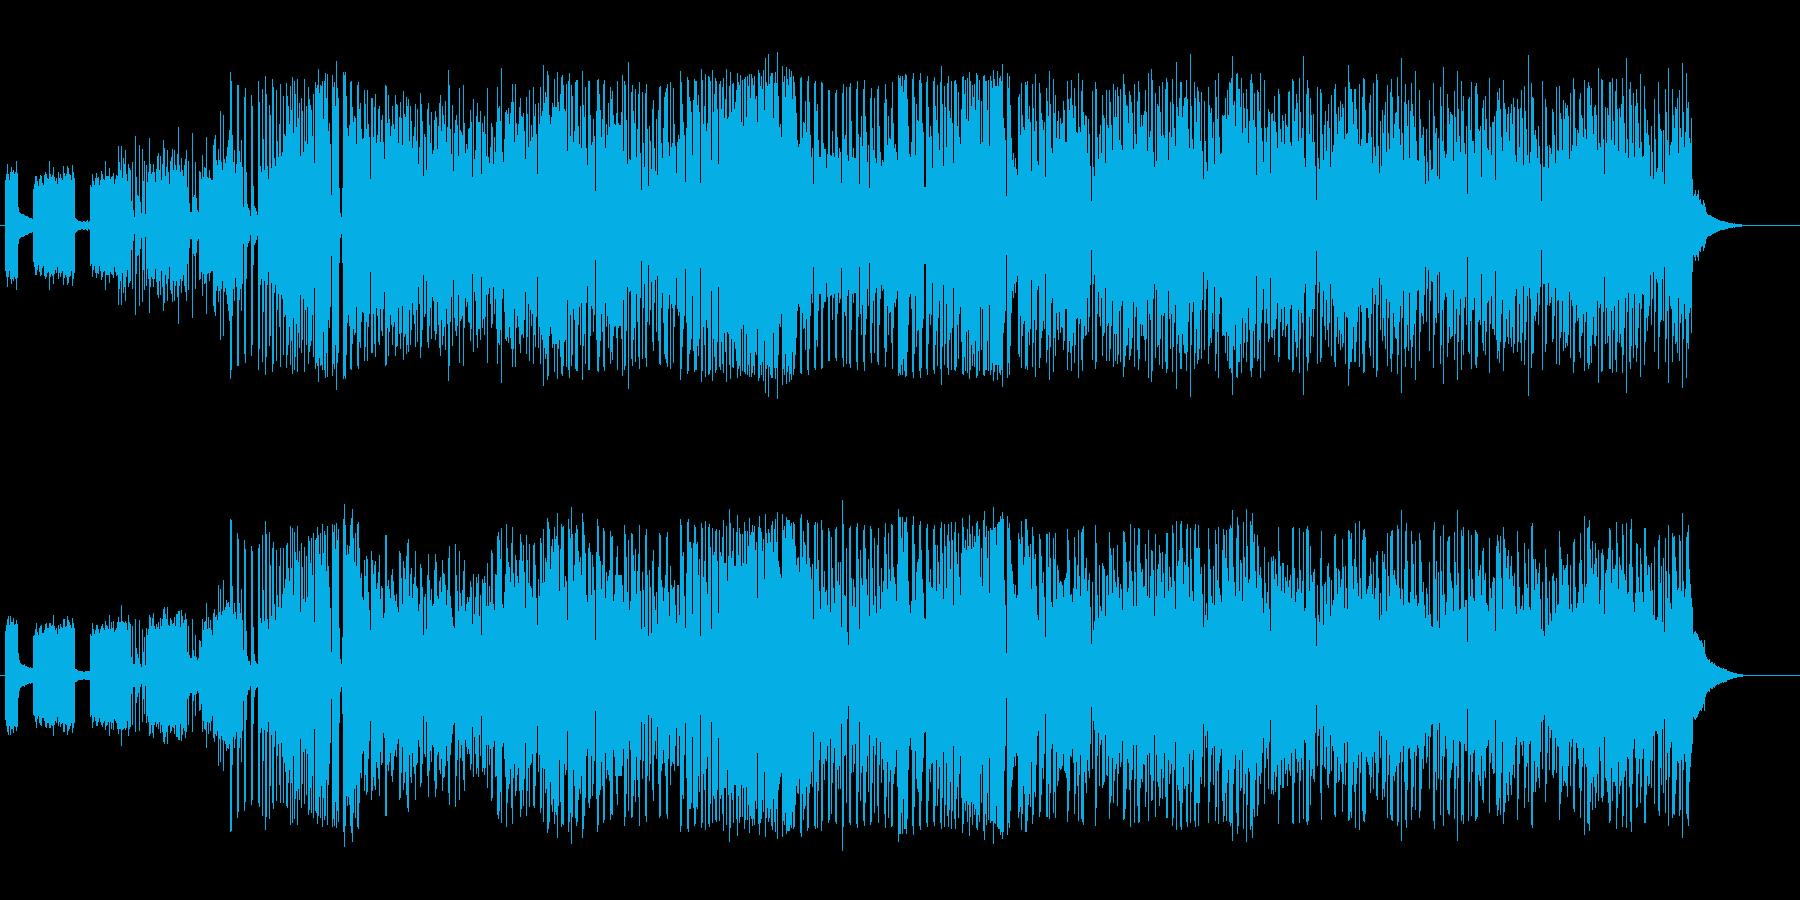 夏、可愛いポップな日本語EDM、RAP有の再生済みの波形